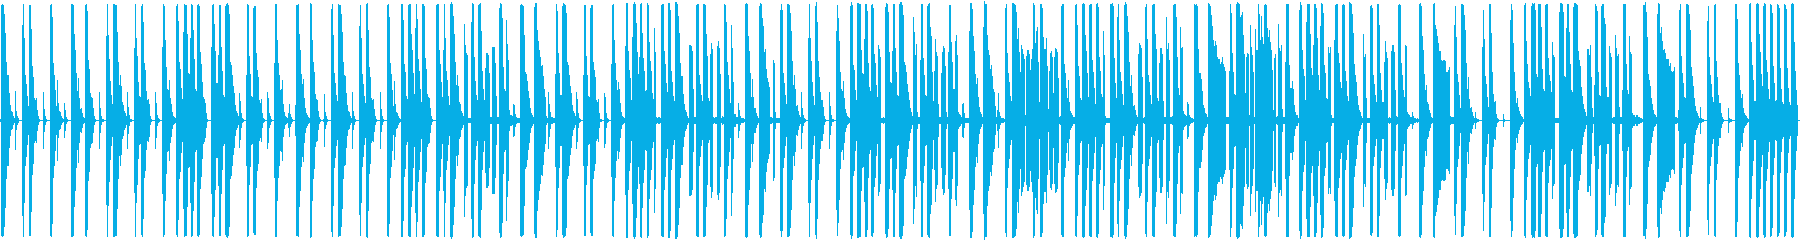 リズムとスクラッチのみのBGMの再生済みの波形